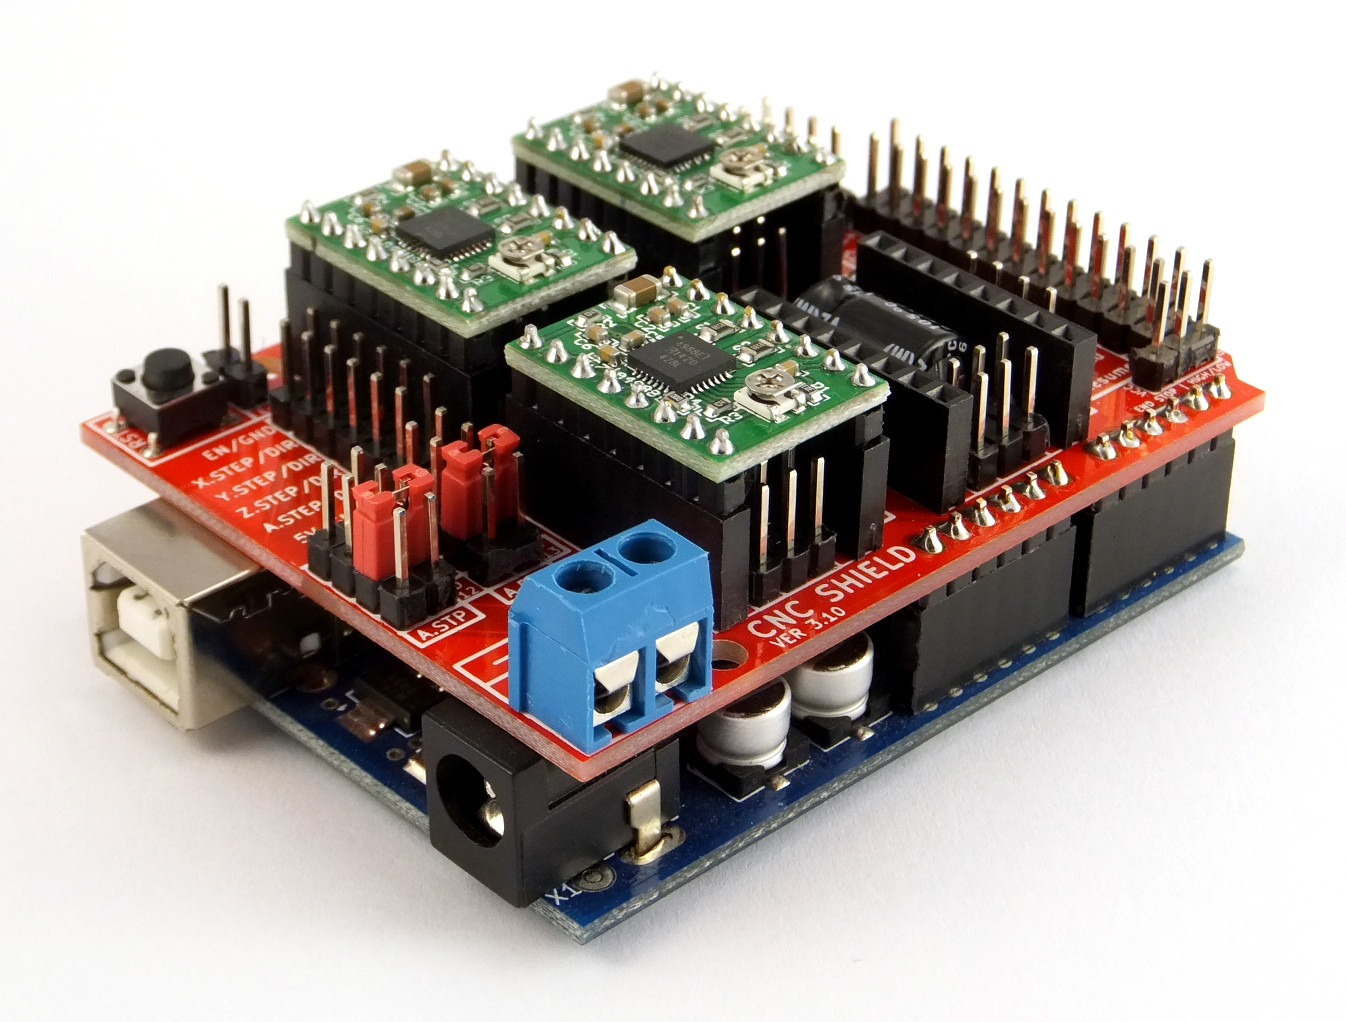 arduino cnc sheild v310 populated